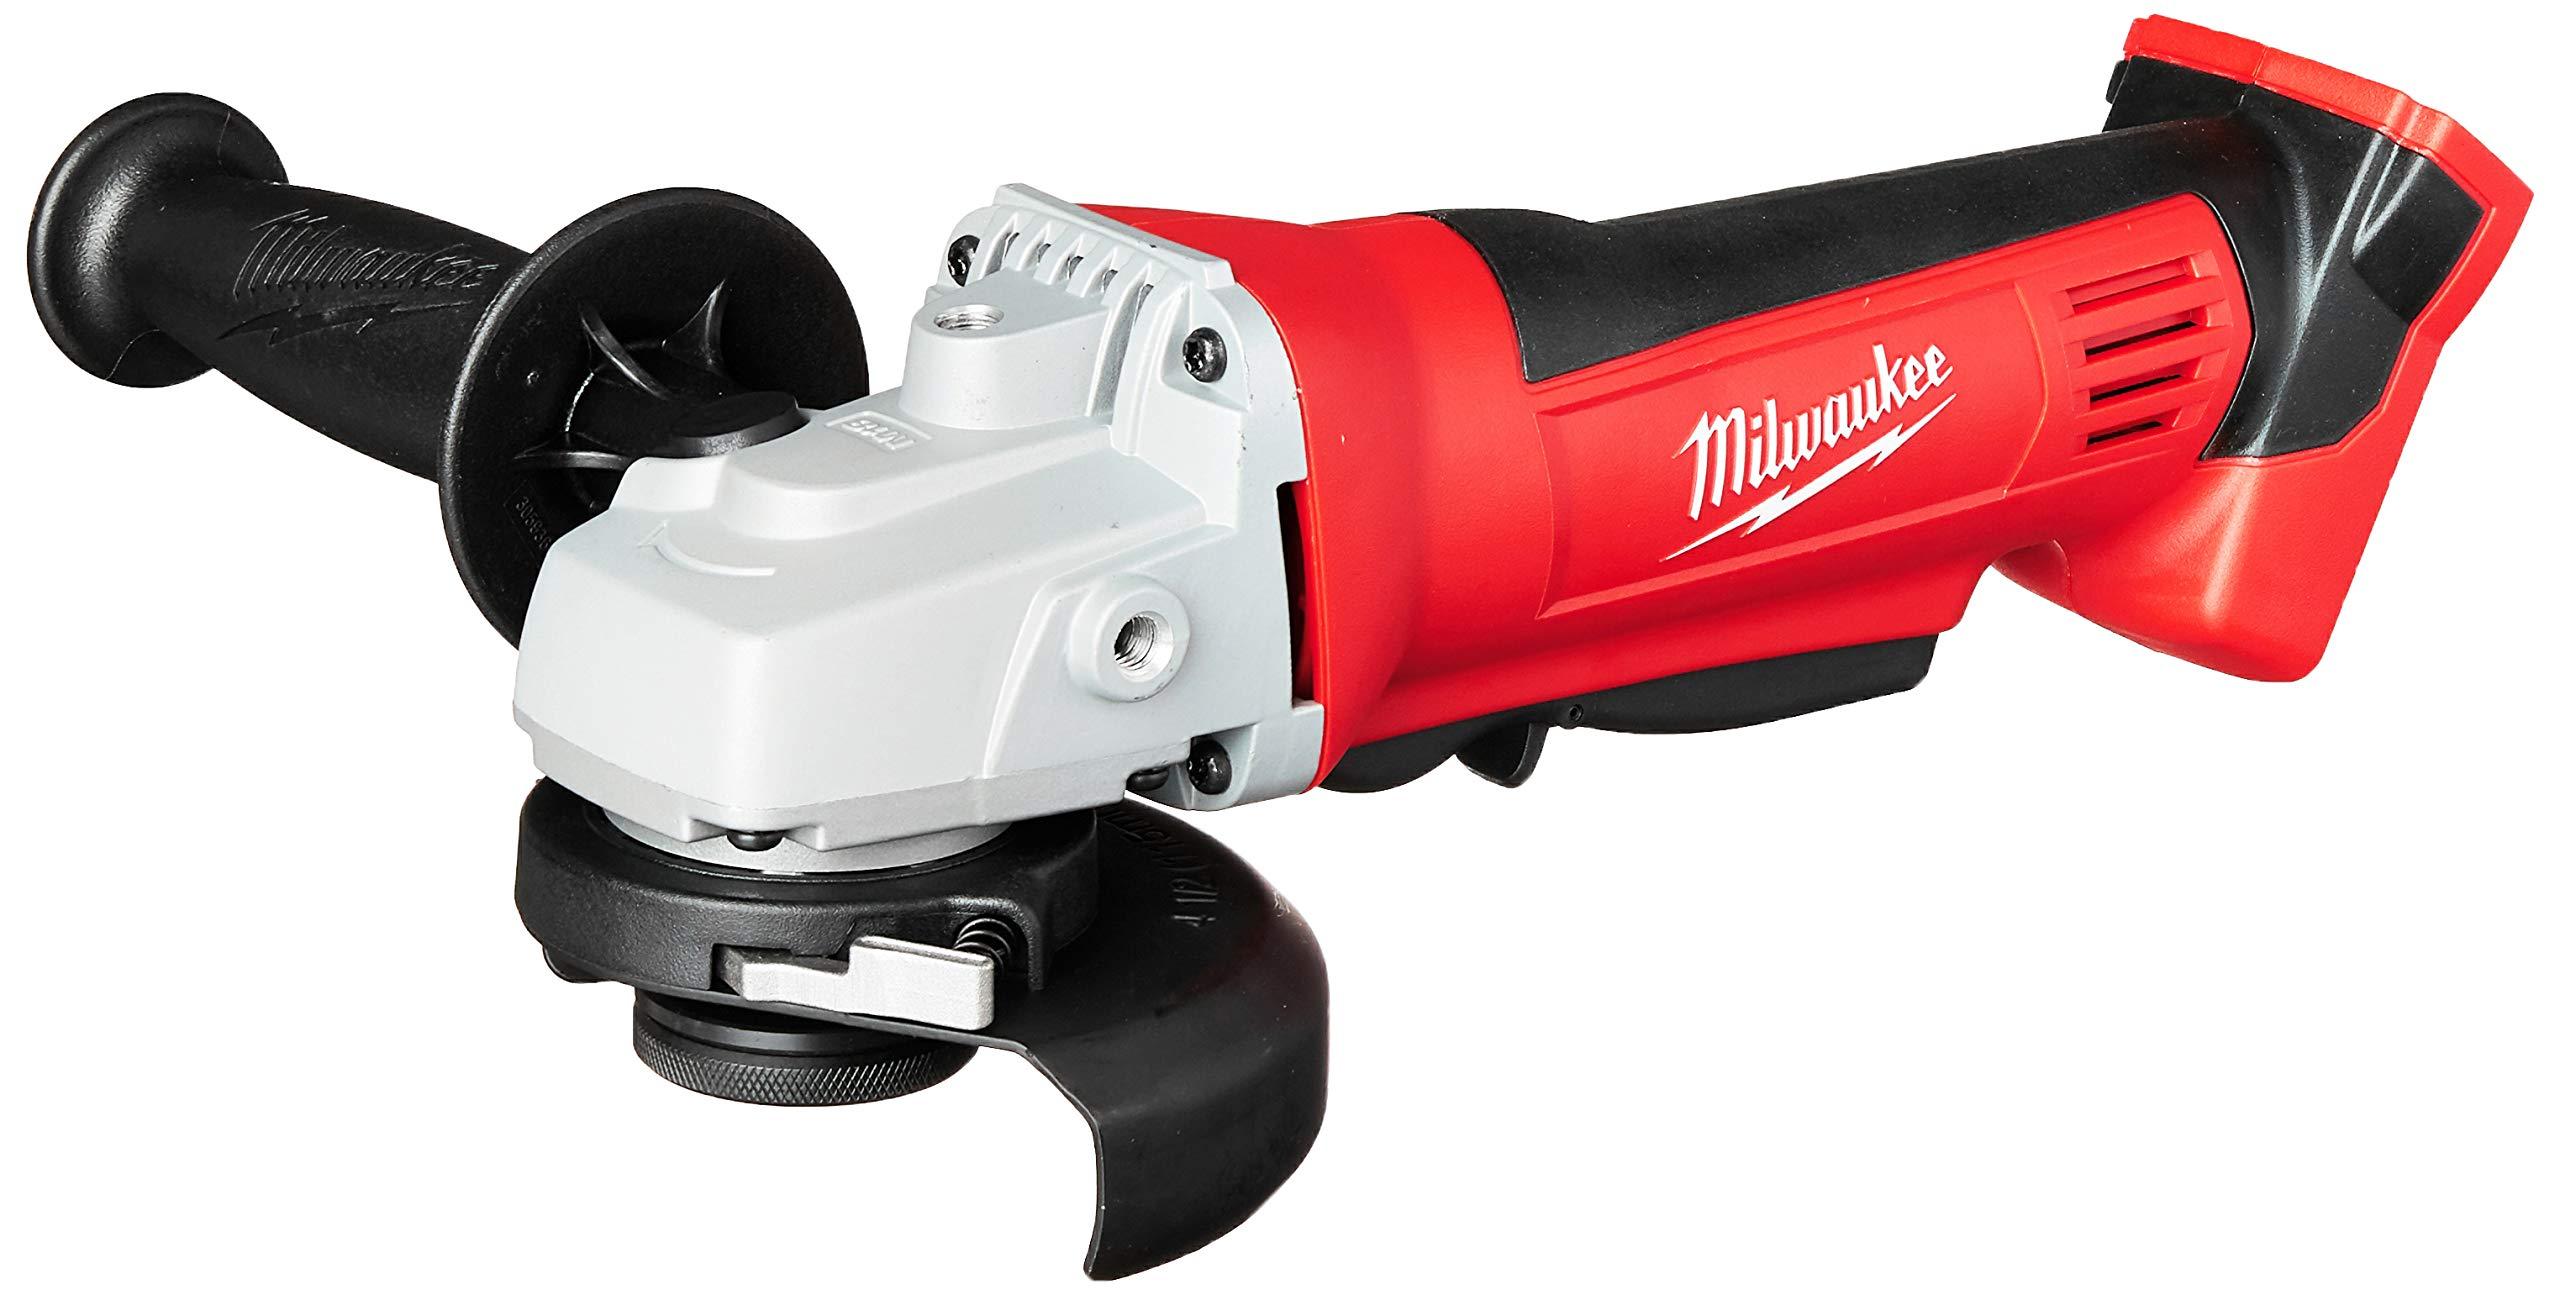 Milwaukee 2680 20 Lithium Cordless Resistant